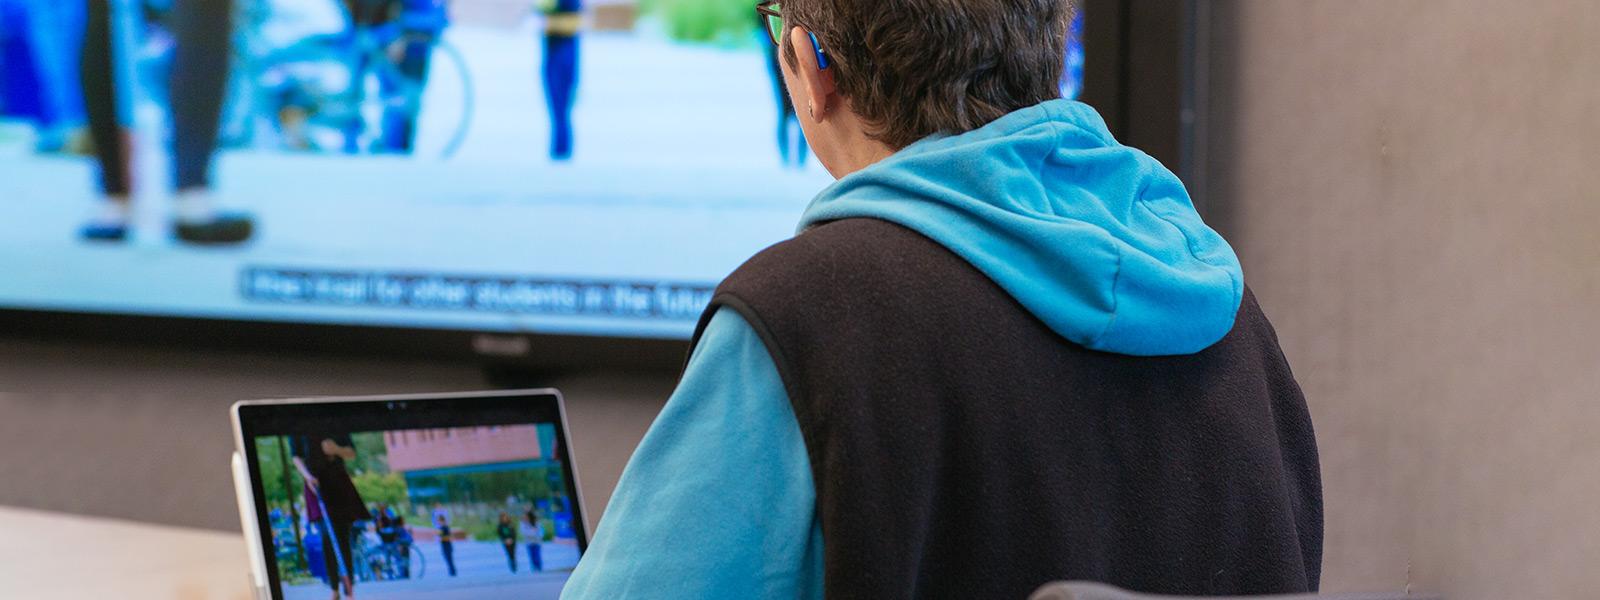 Una mujer que usa un audífono, mira una presentación en vídeo con subtítulos